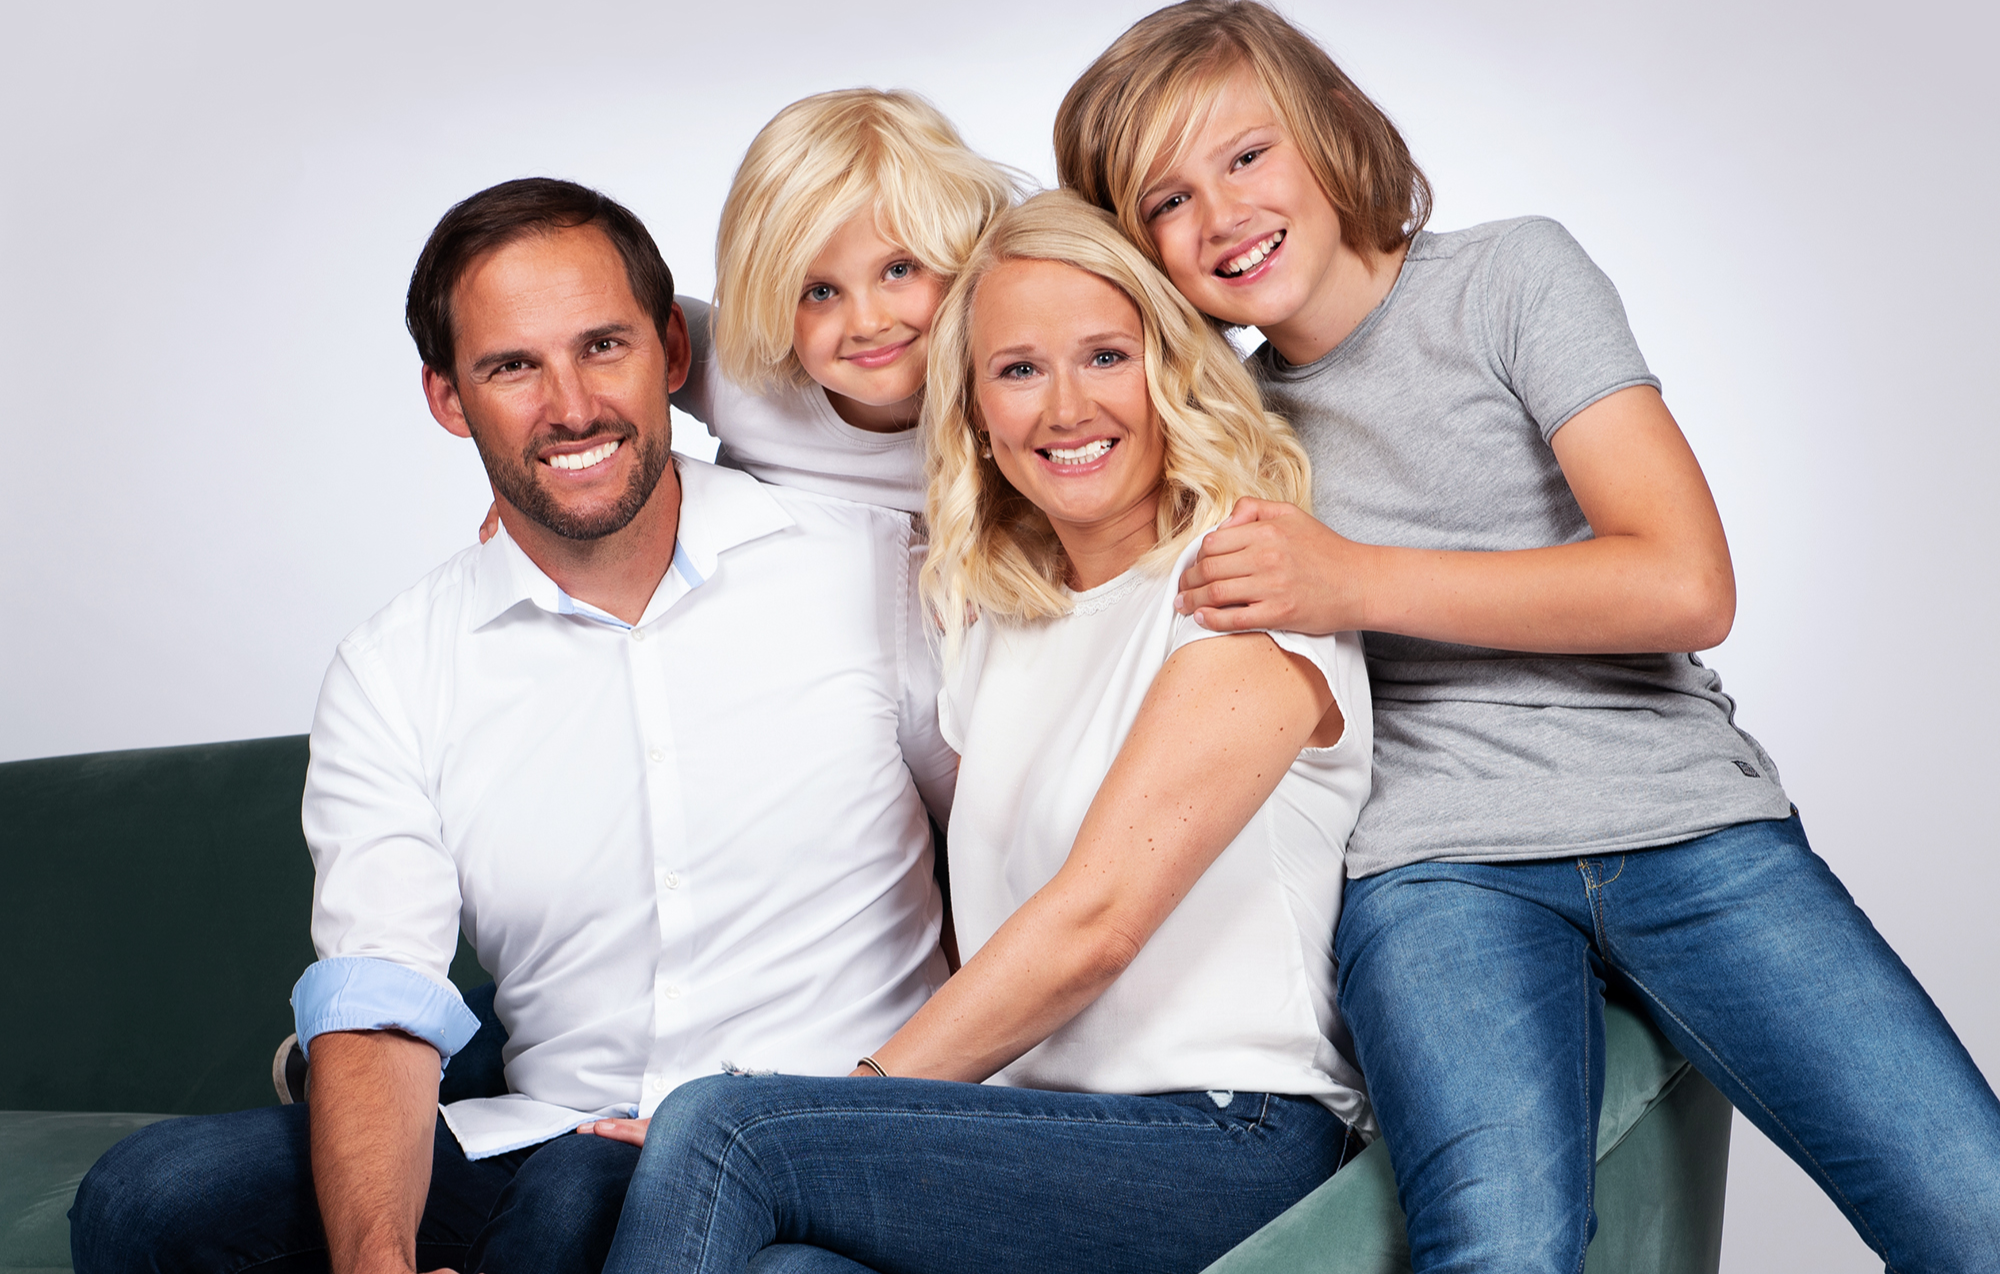 familien-fotoshooting-flensburg-bg31612957836